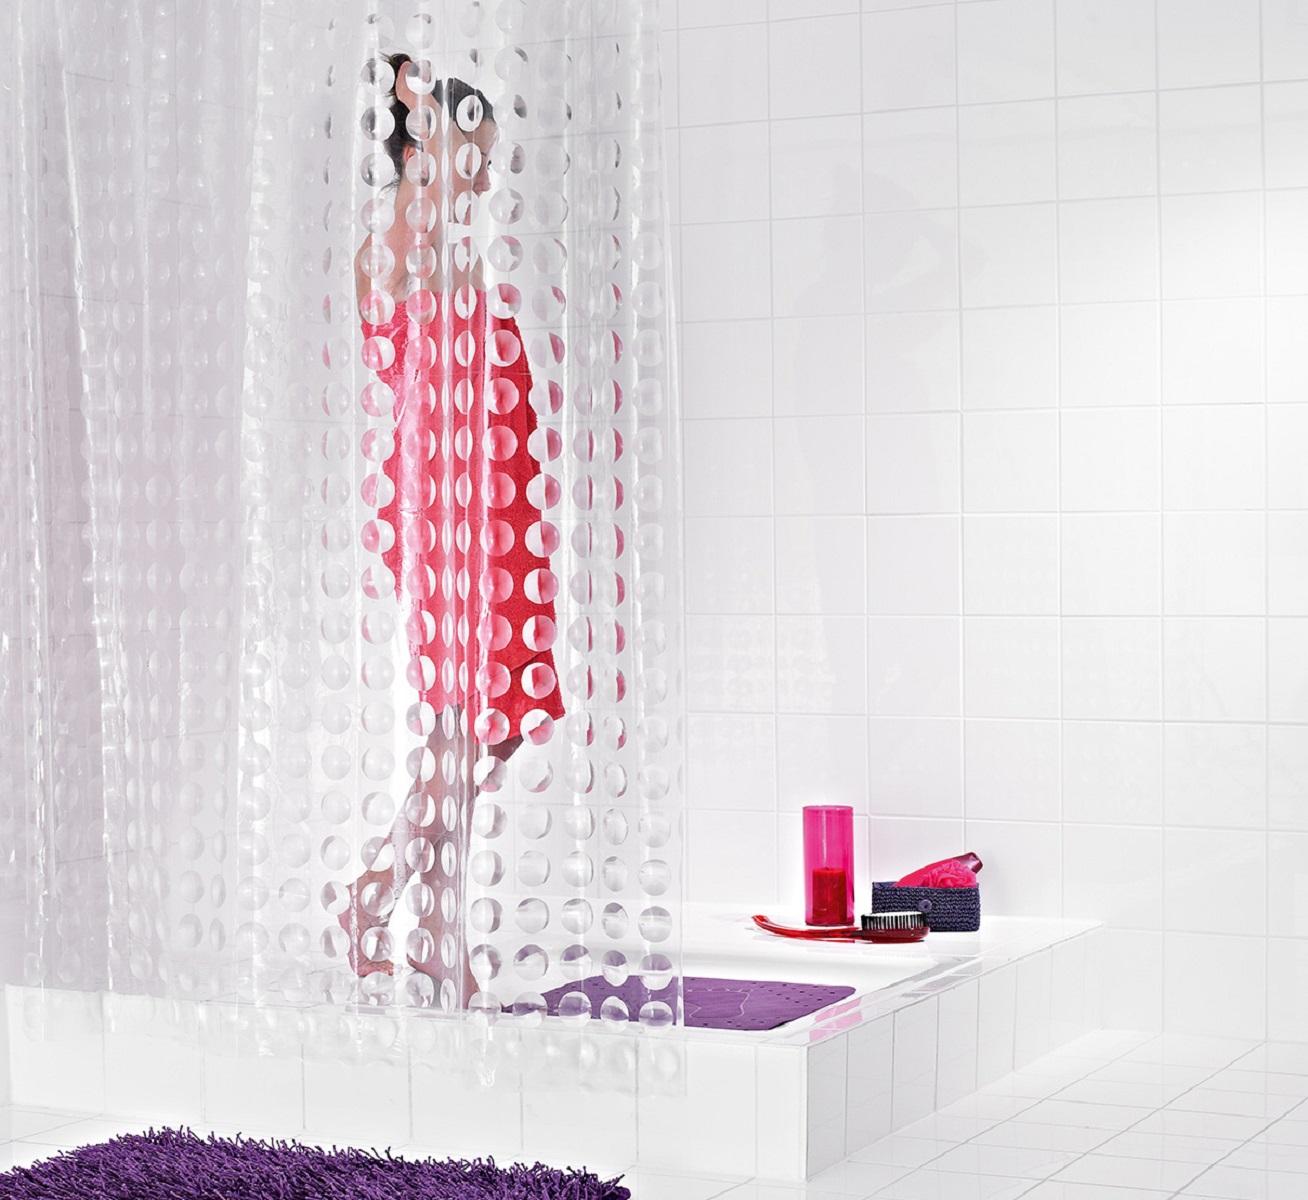 Штора для ванной комнаты Ridder Loupe, 180 х 200 см35897Оригинальная шторка Ridder Loupe создаст прекрасное настроение в ванной комнате. Она выполнена из высококачественного материала и не имеет запаха.